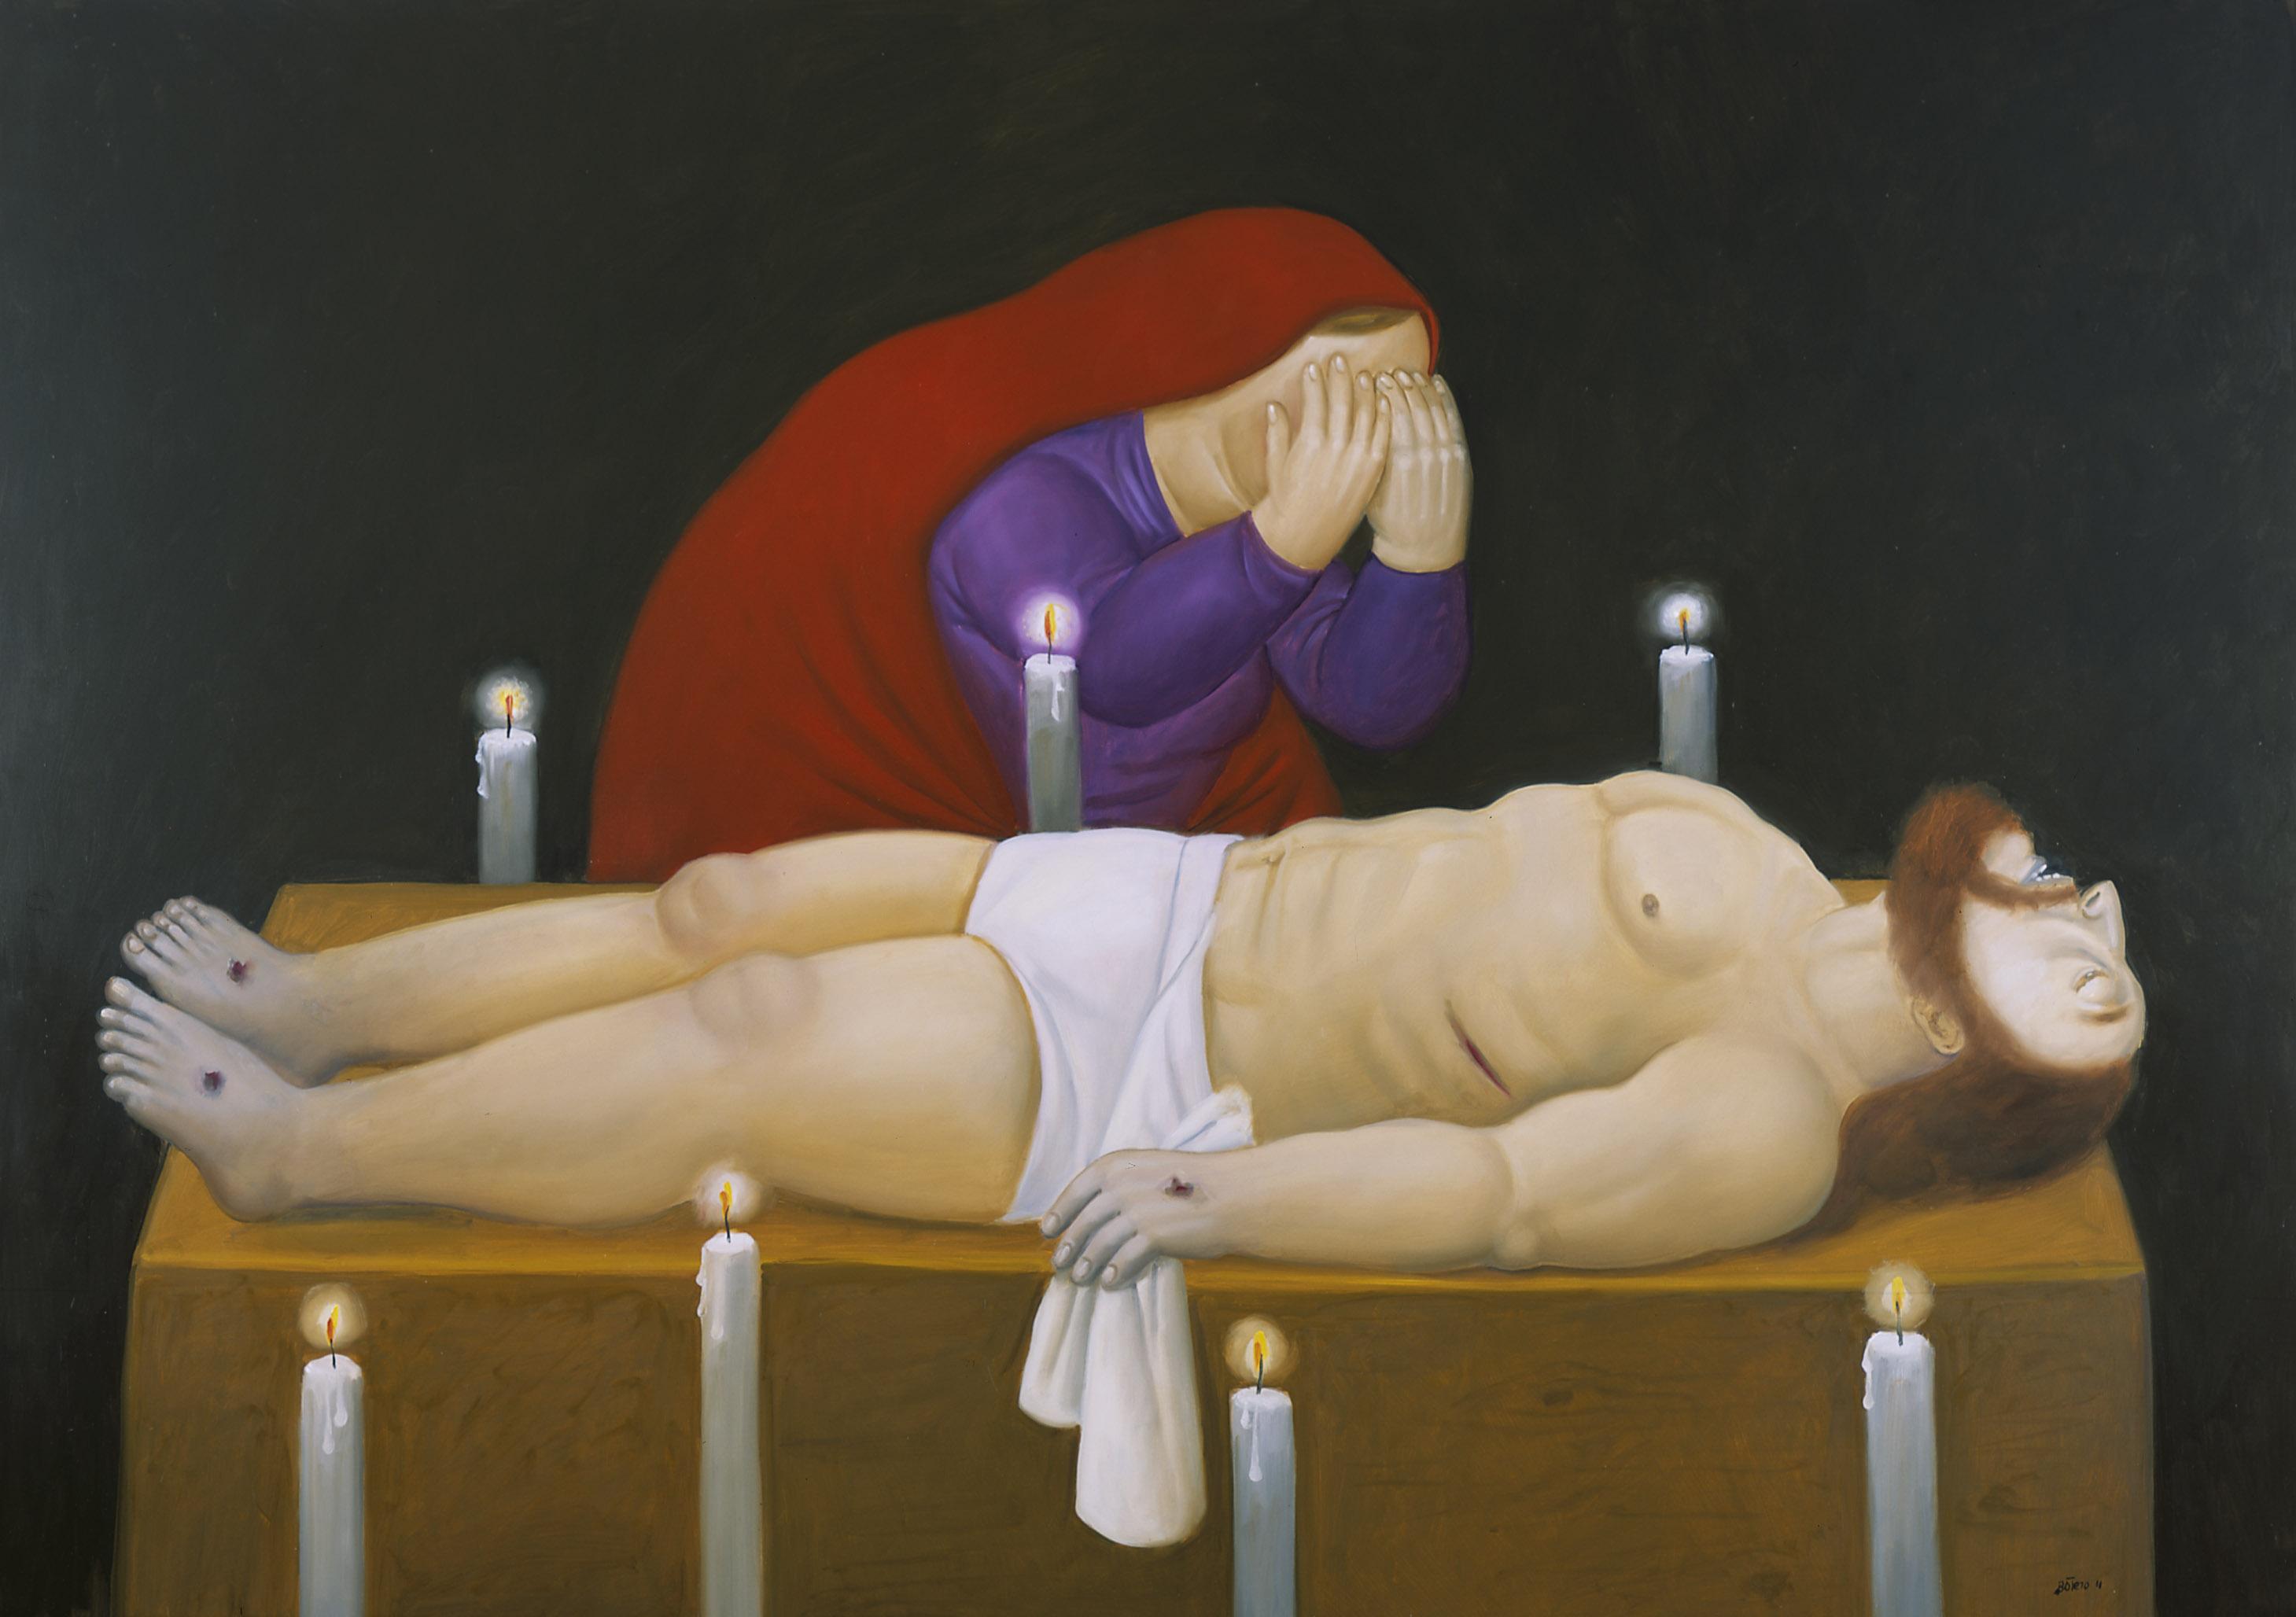 Cristo ha muerto, 2011 Cristo è morto / Christ has Died Olio su tela / Oil on canvas 134 x 191,1 cm Medellín, Museo de Antioquia